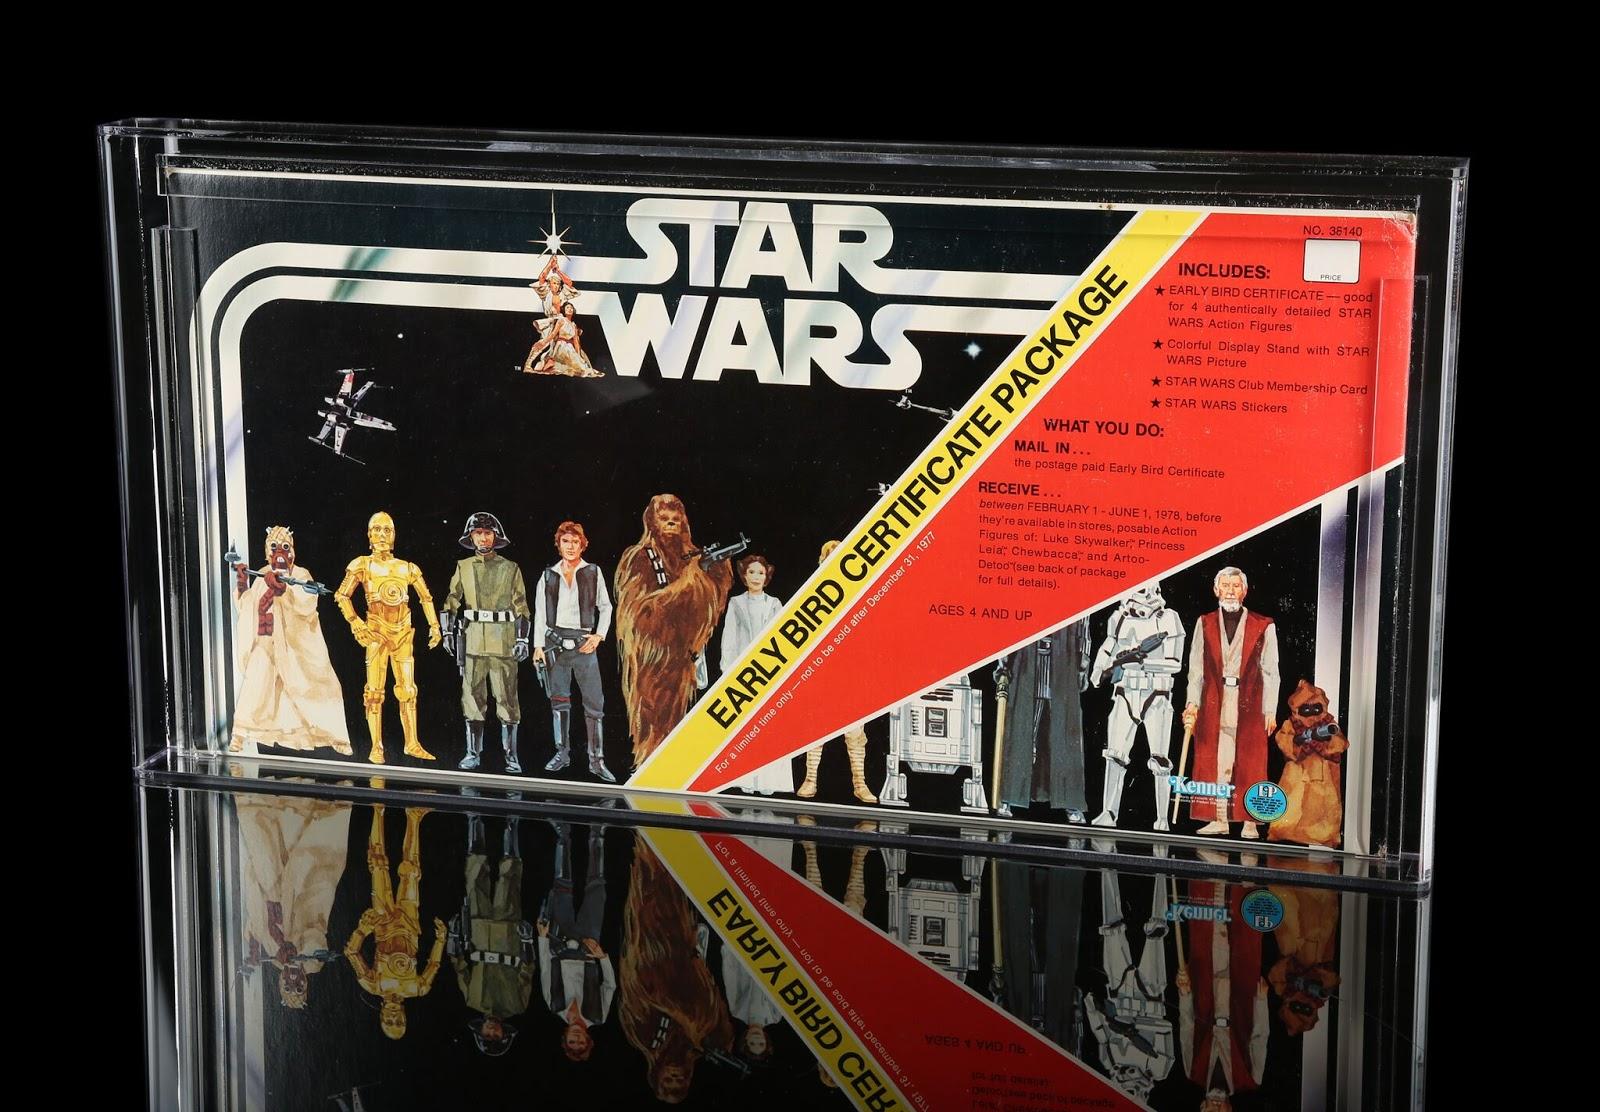 Star Wars Galactic Files Series 1 Base Card #296 Eopie